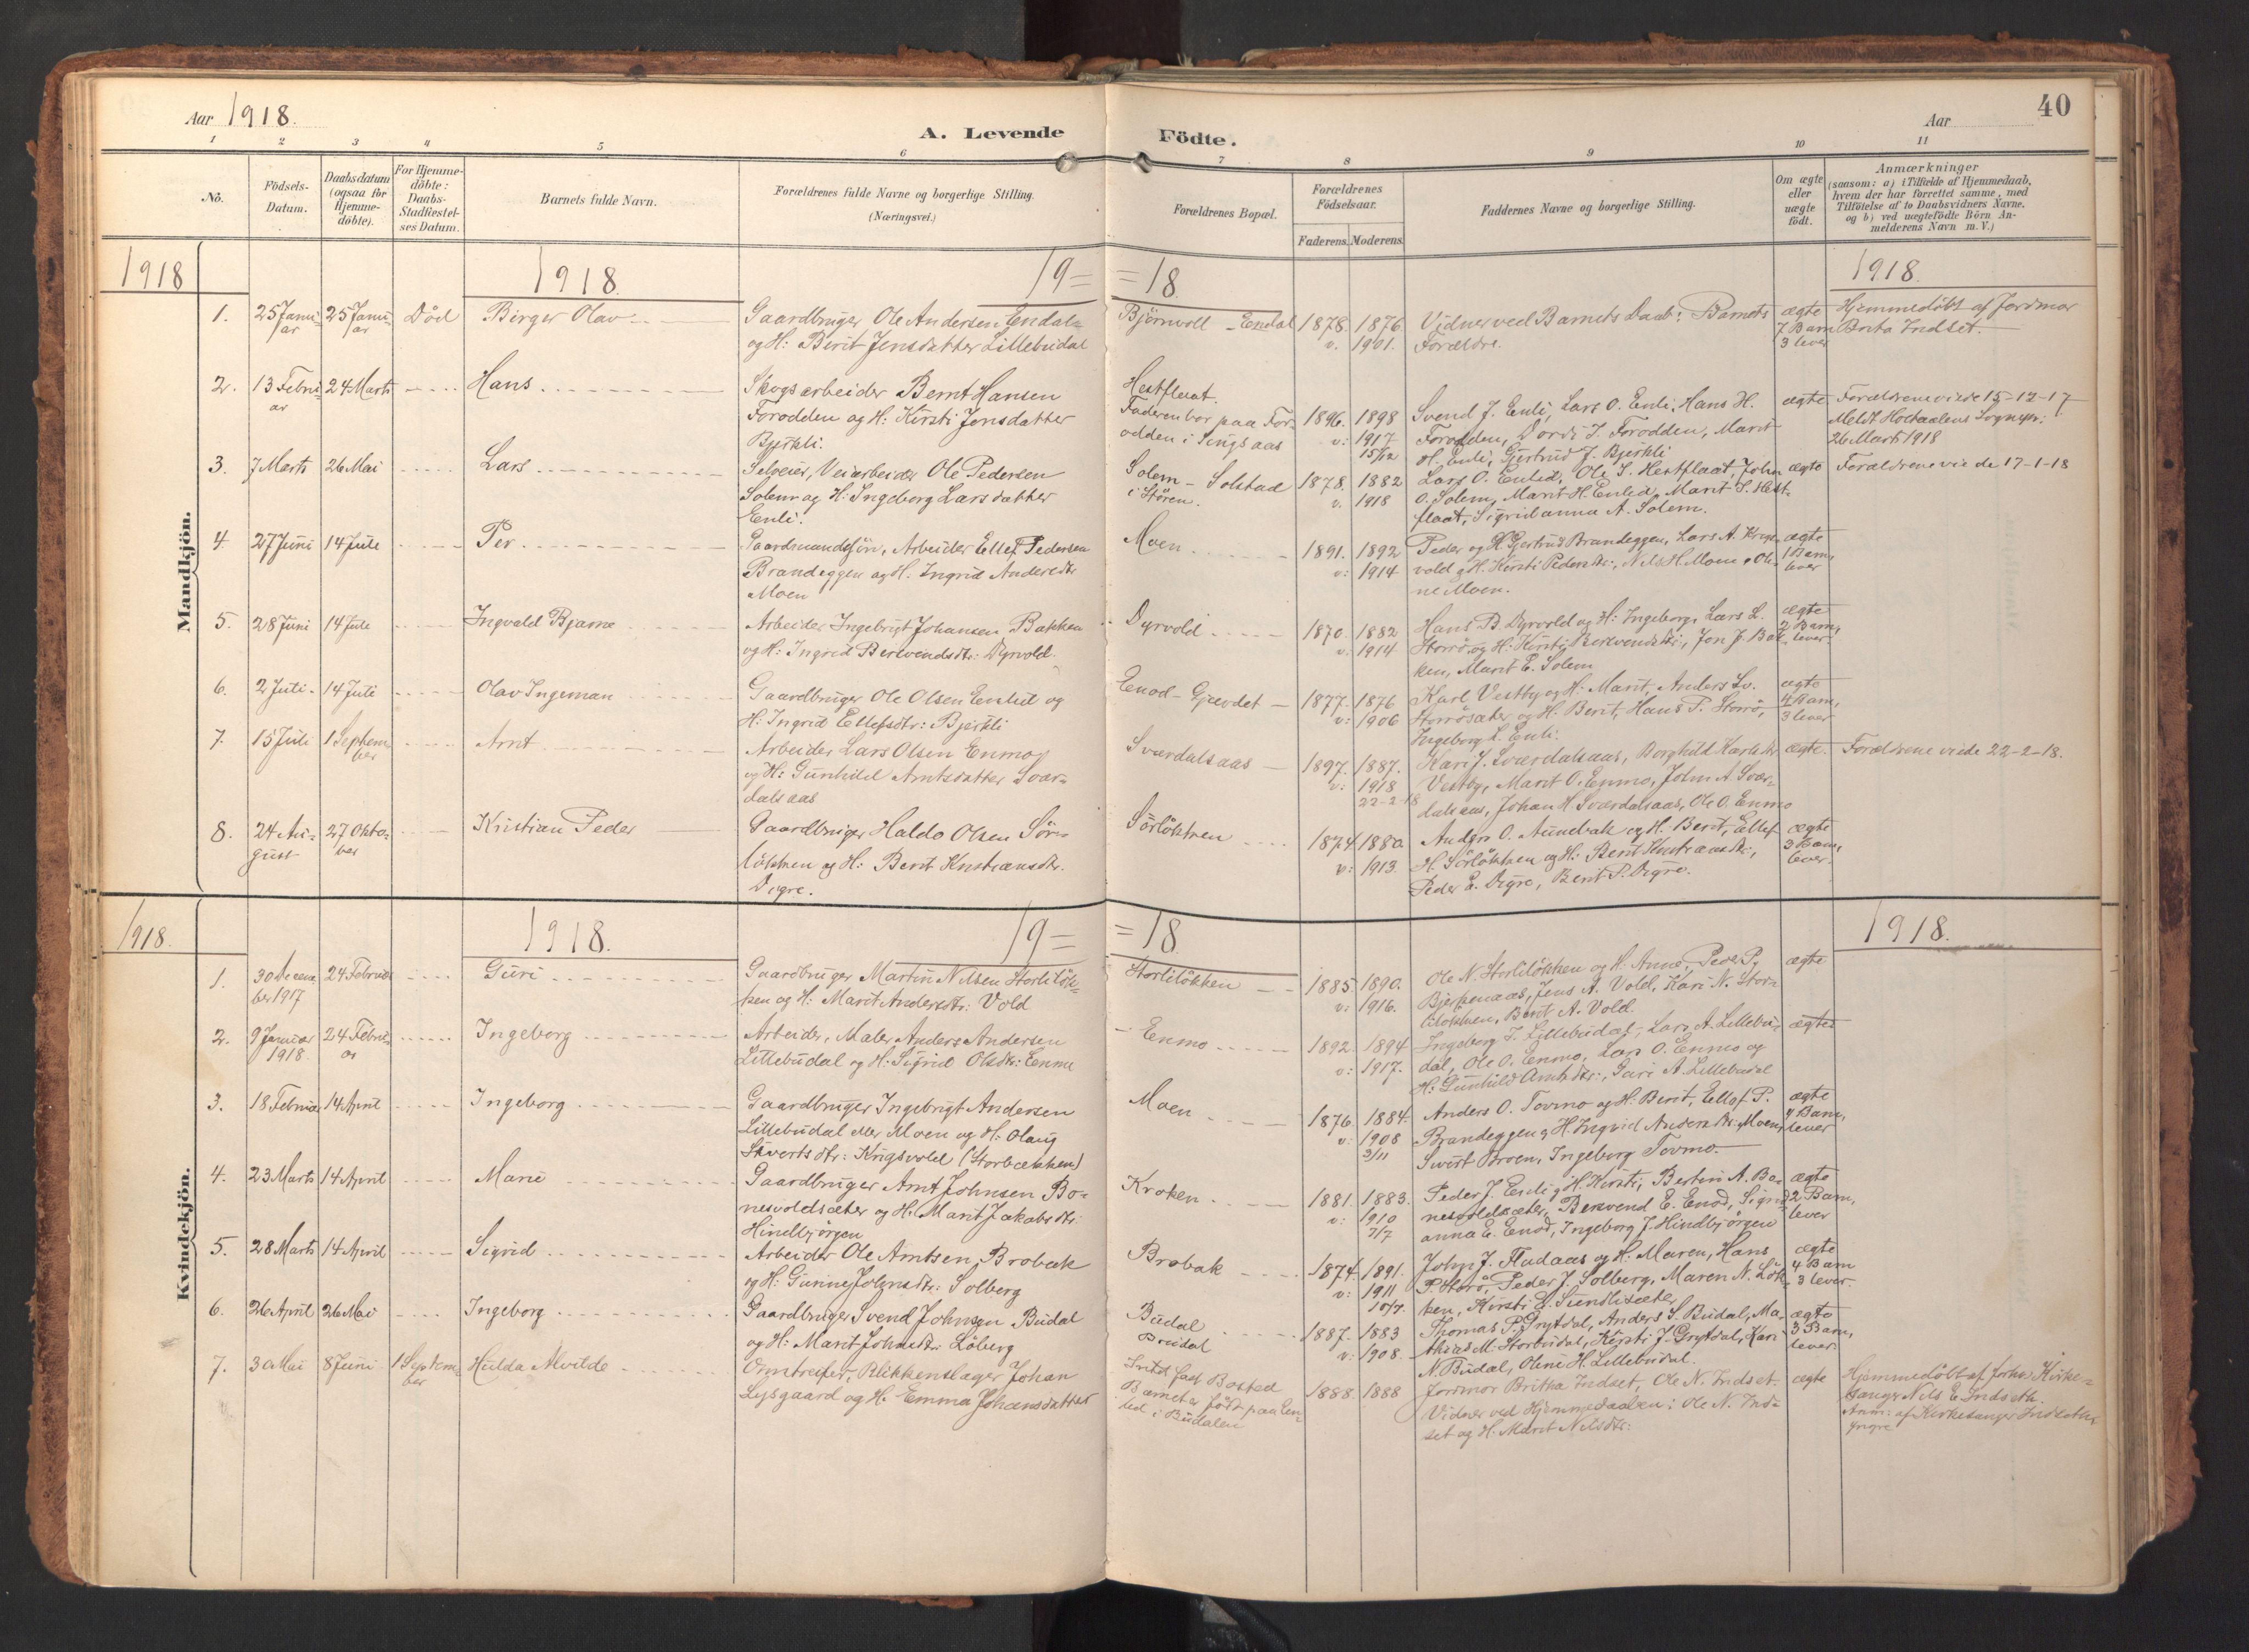 SAT, Ministerialprotokoller, klokkerbøker og fødselsregistre - Sør-Trøndelag, 690/L1050: Ministerialbok nr. 690A01, 1889-1929, s. 40